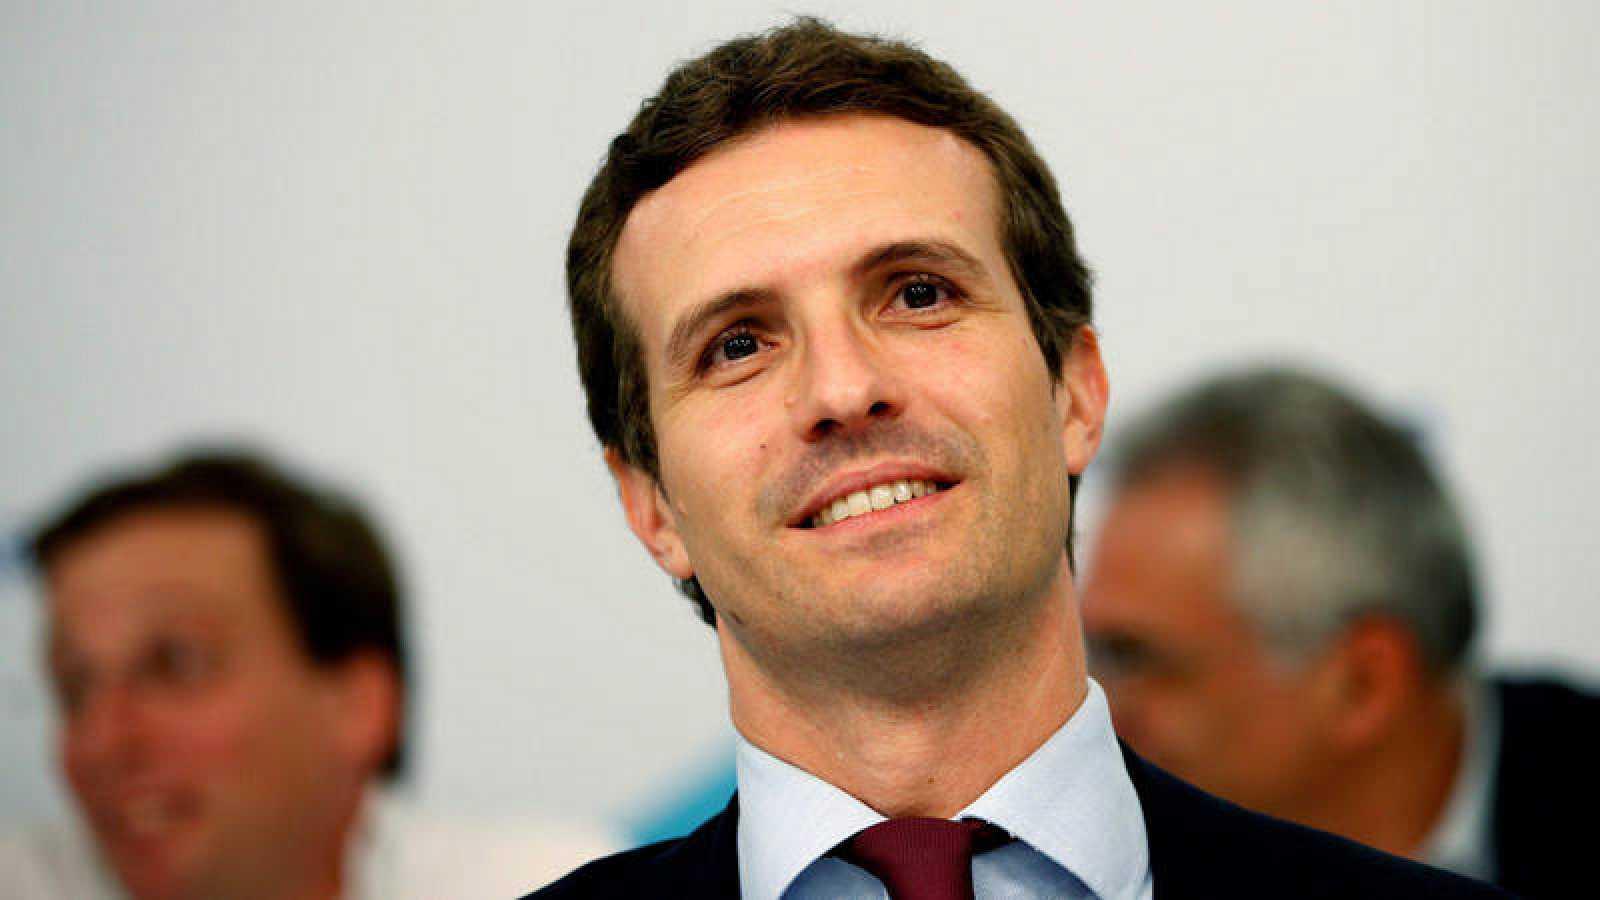 El presidente del Partido Popular, Pablo Casado, en una imagen reciente.